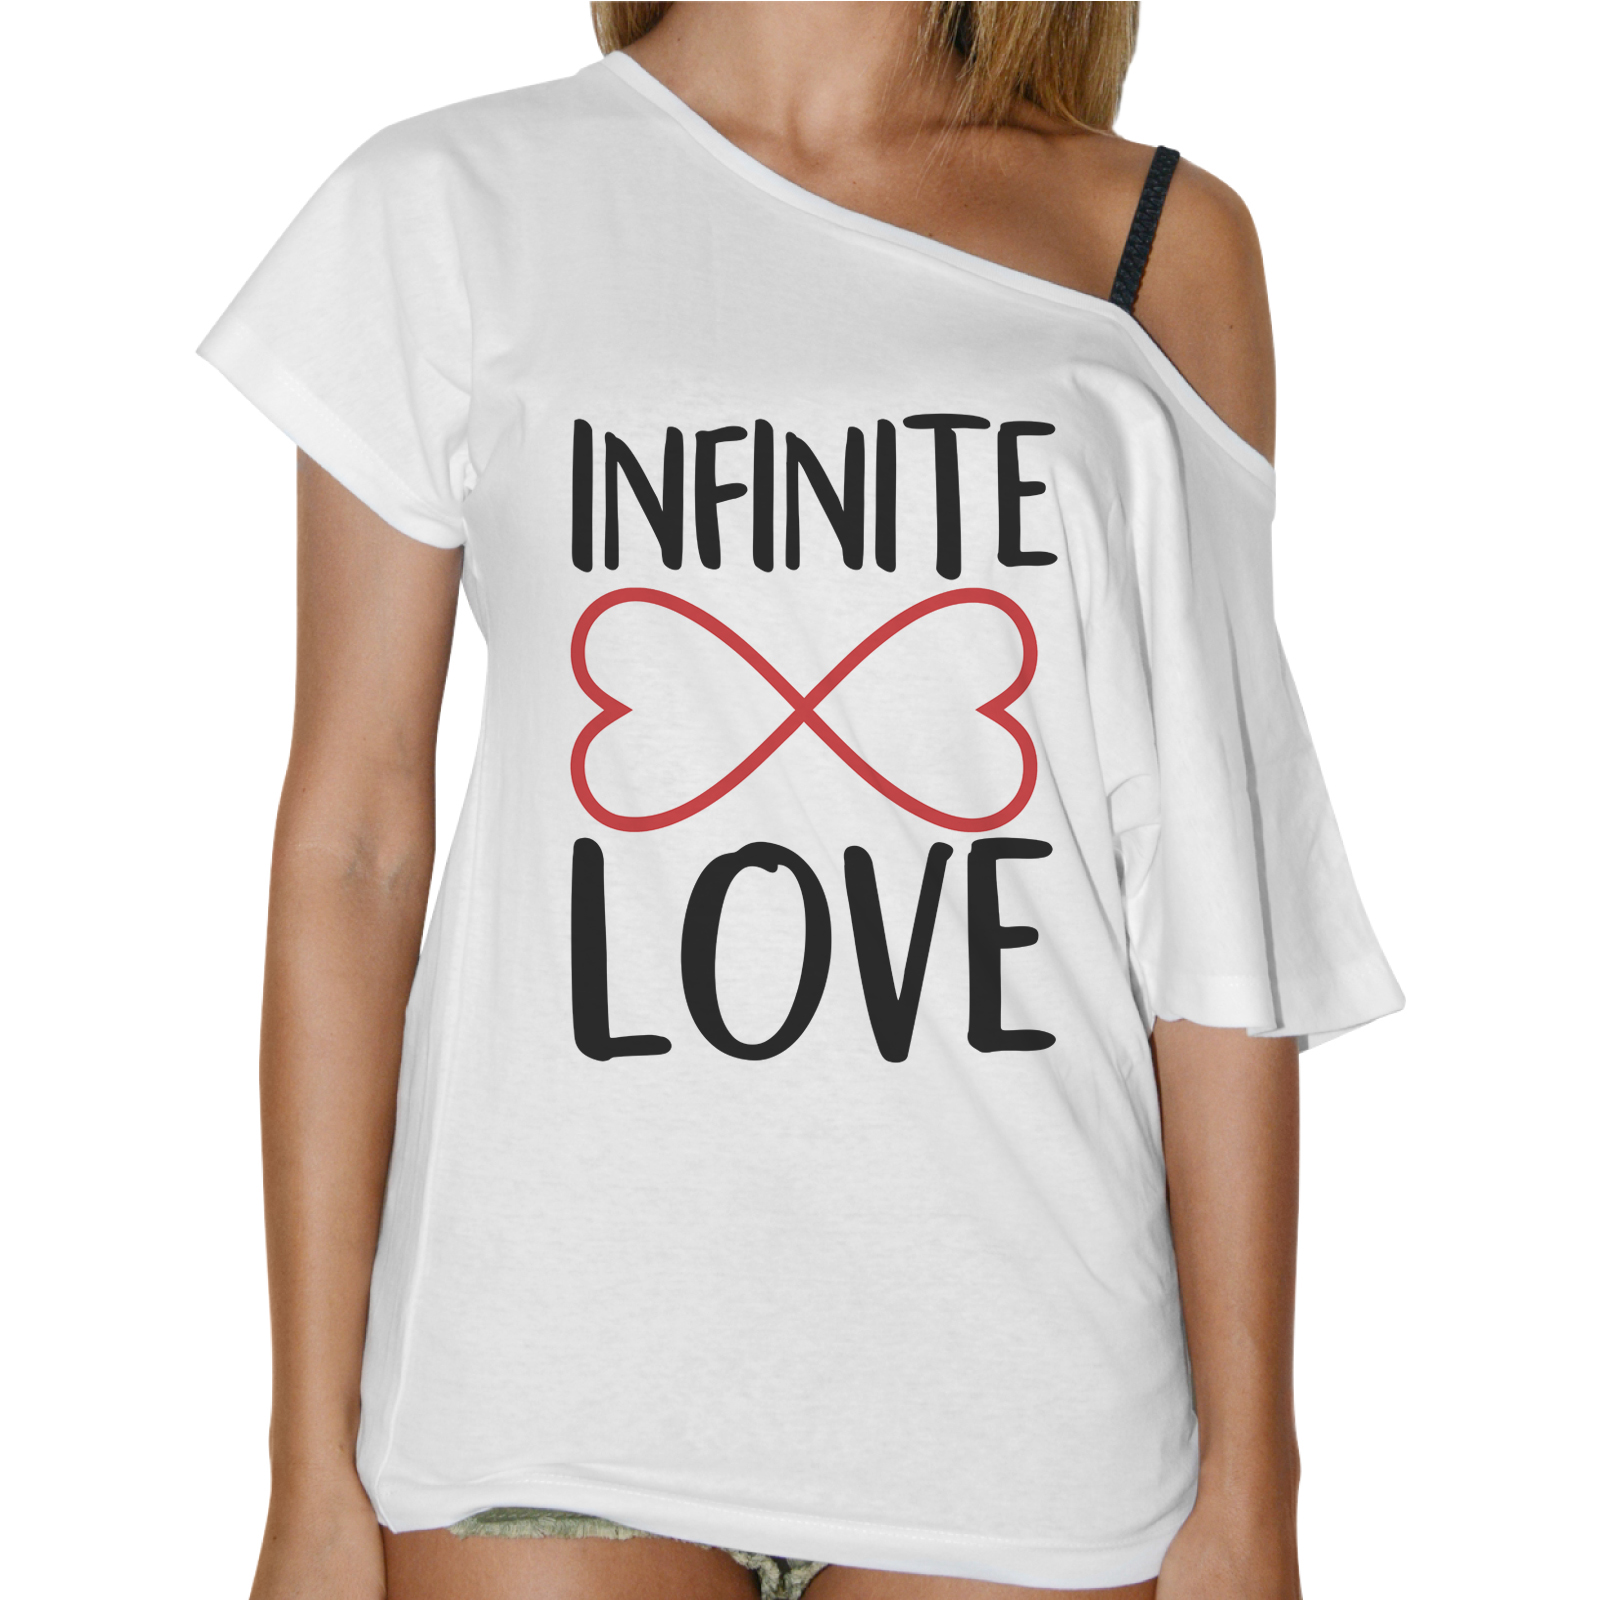 T-Shirt Donna Collo Barca INFINITE LOVE